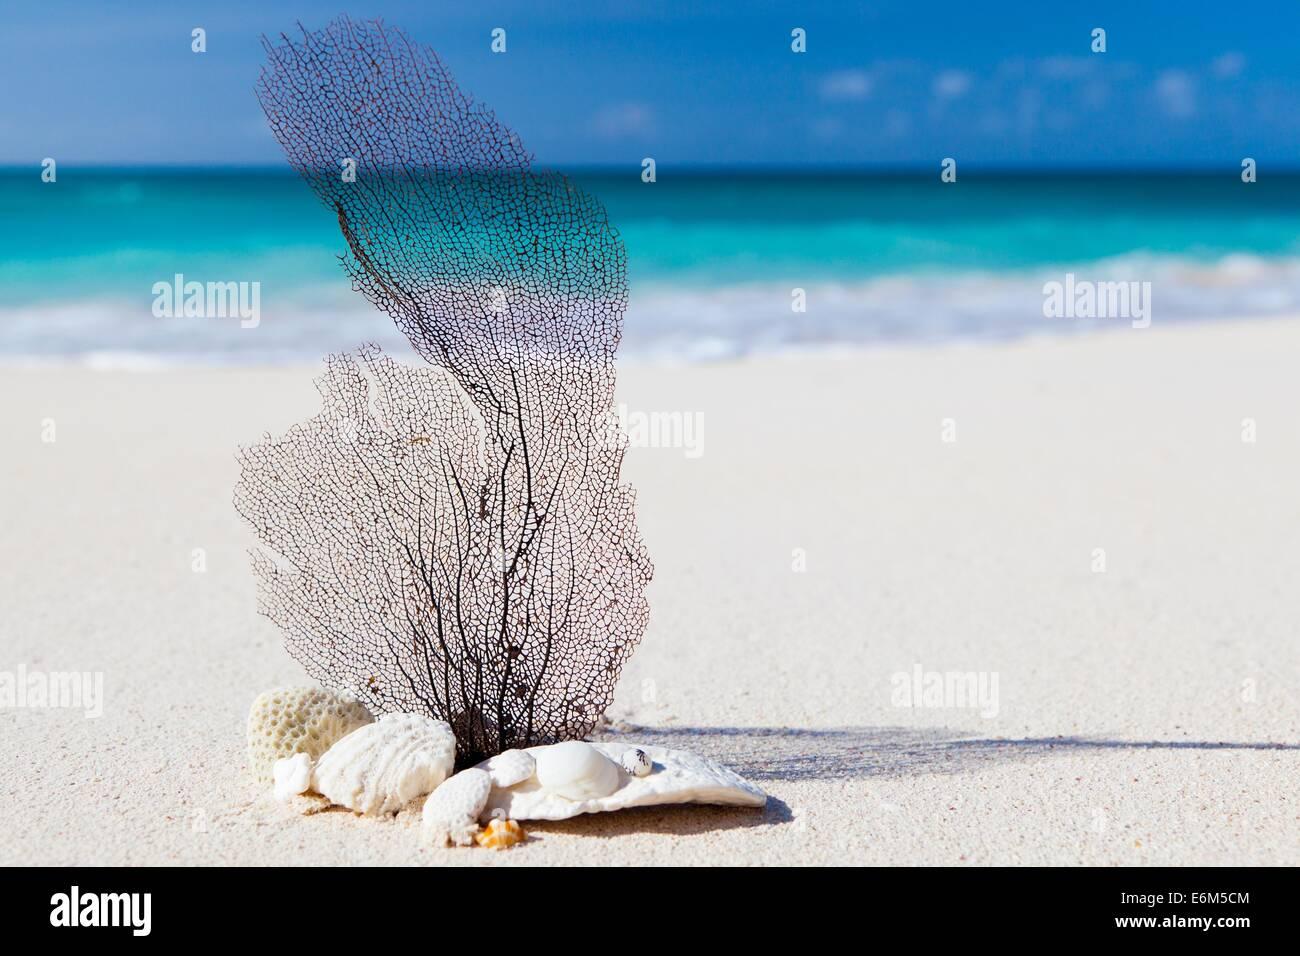 Beach Karibik blaue Schönheit Konzept exotische Natur Stockbild